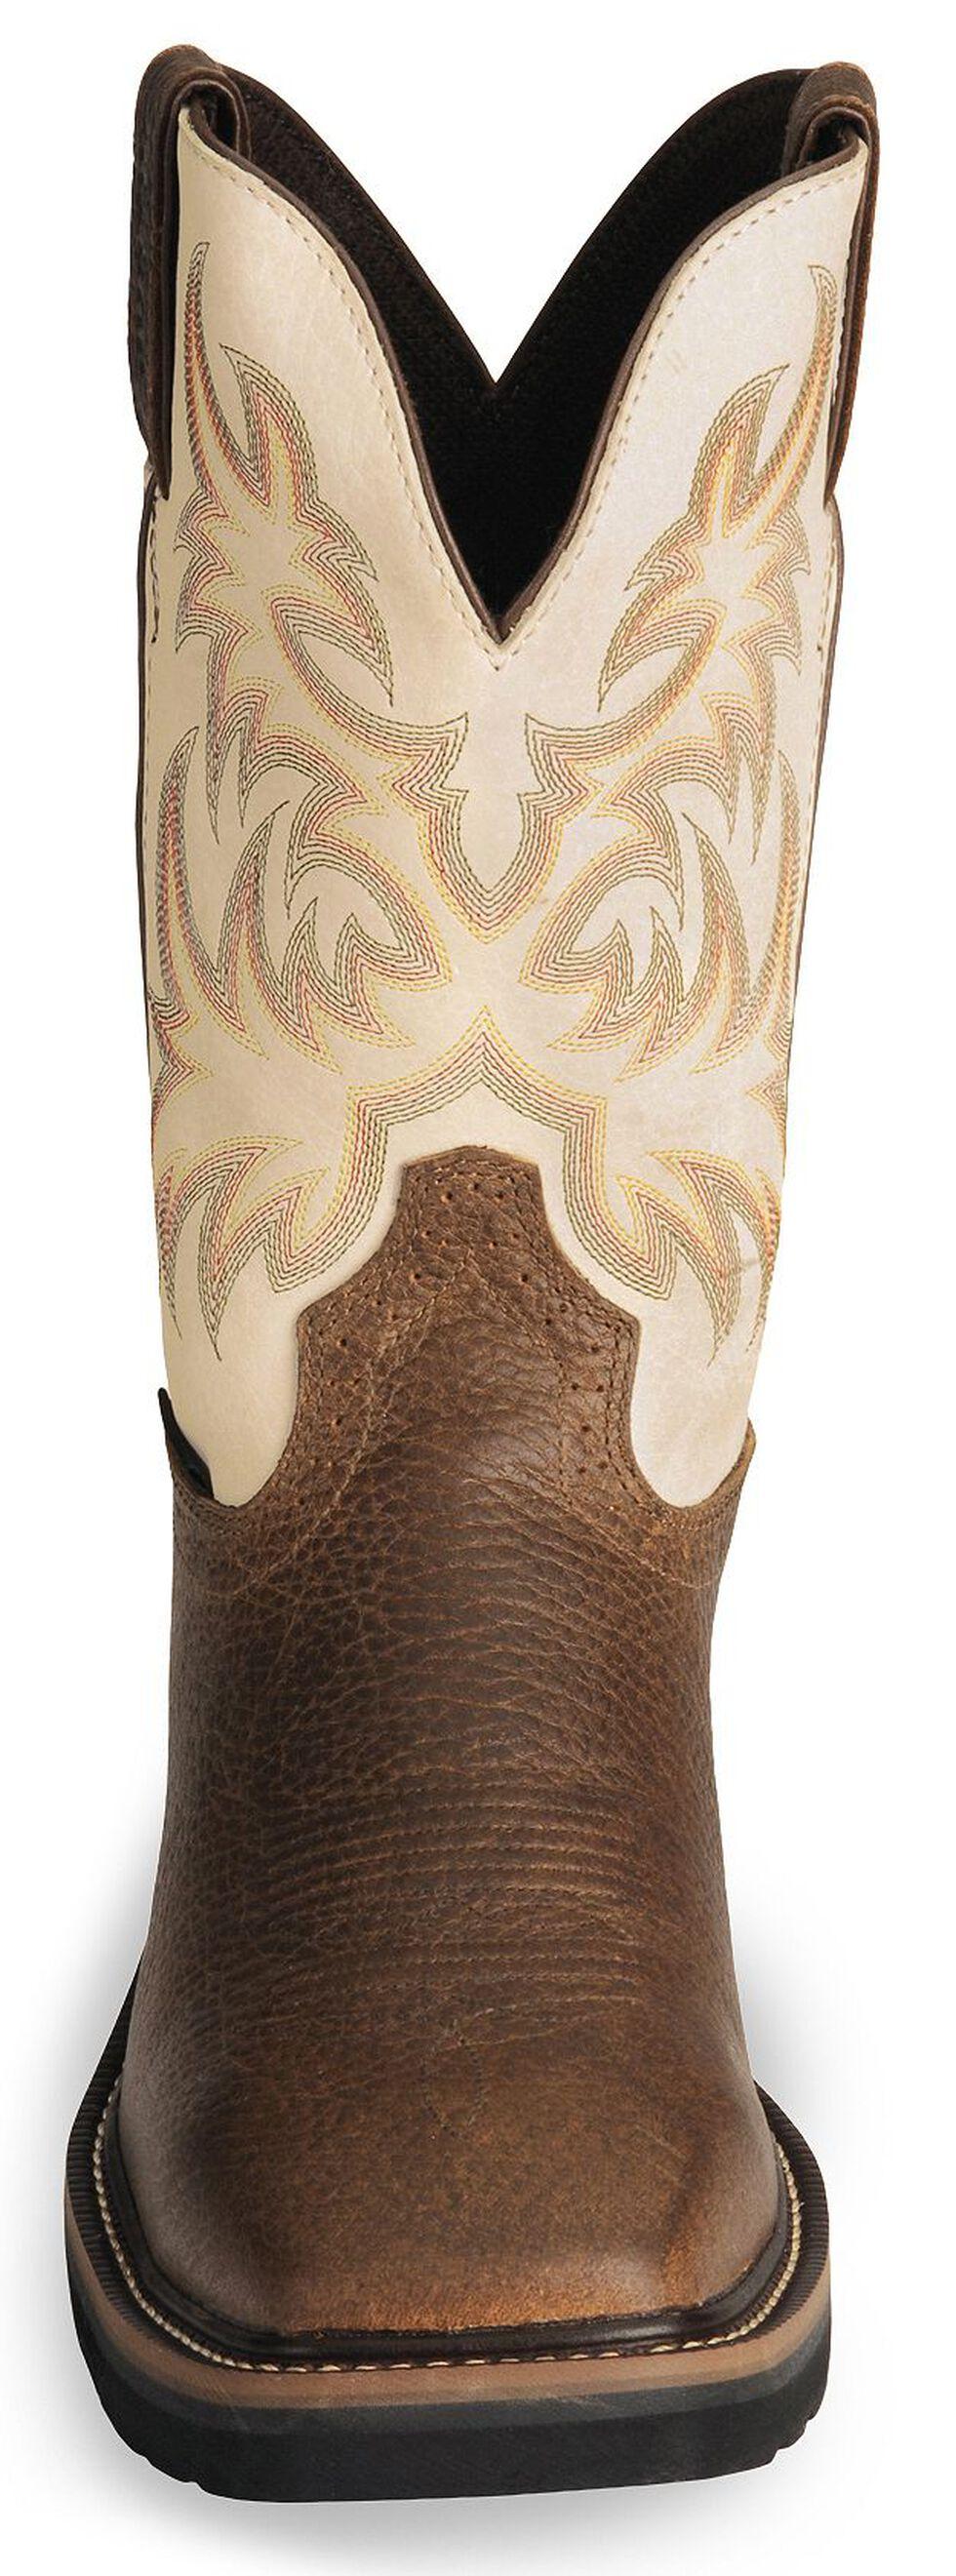 Justin Men's Stampede Driller Copper Electrical Hazard Work Boots - Steel Toe, Copper, hi-res